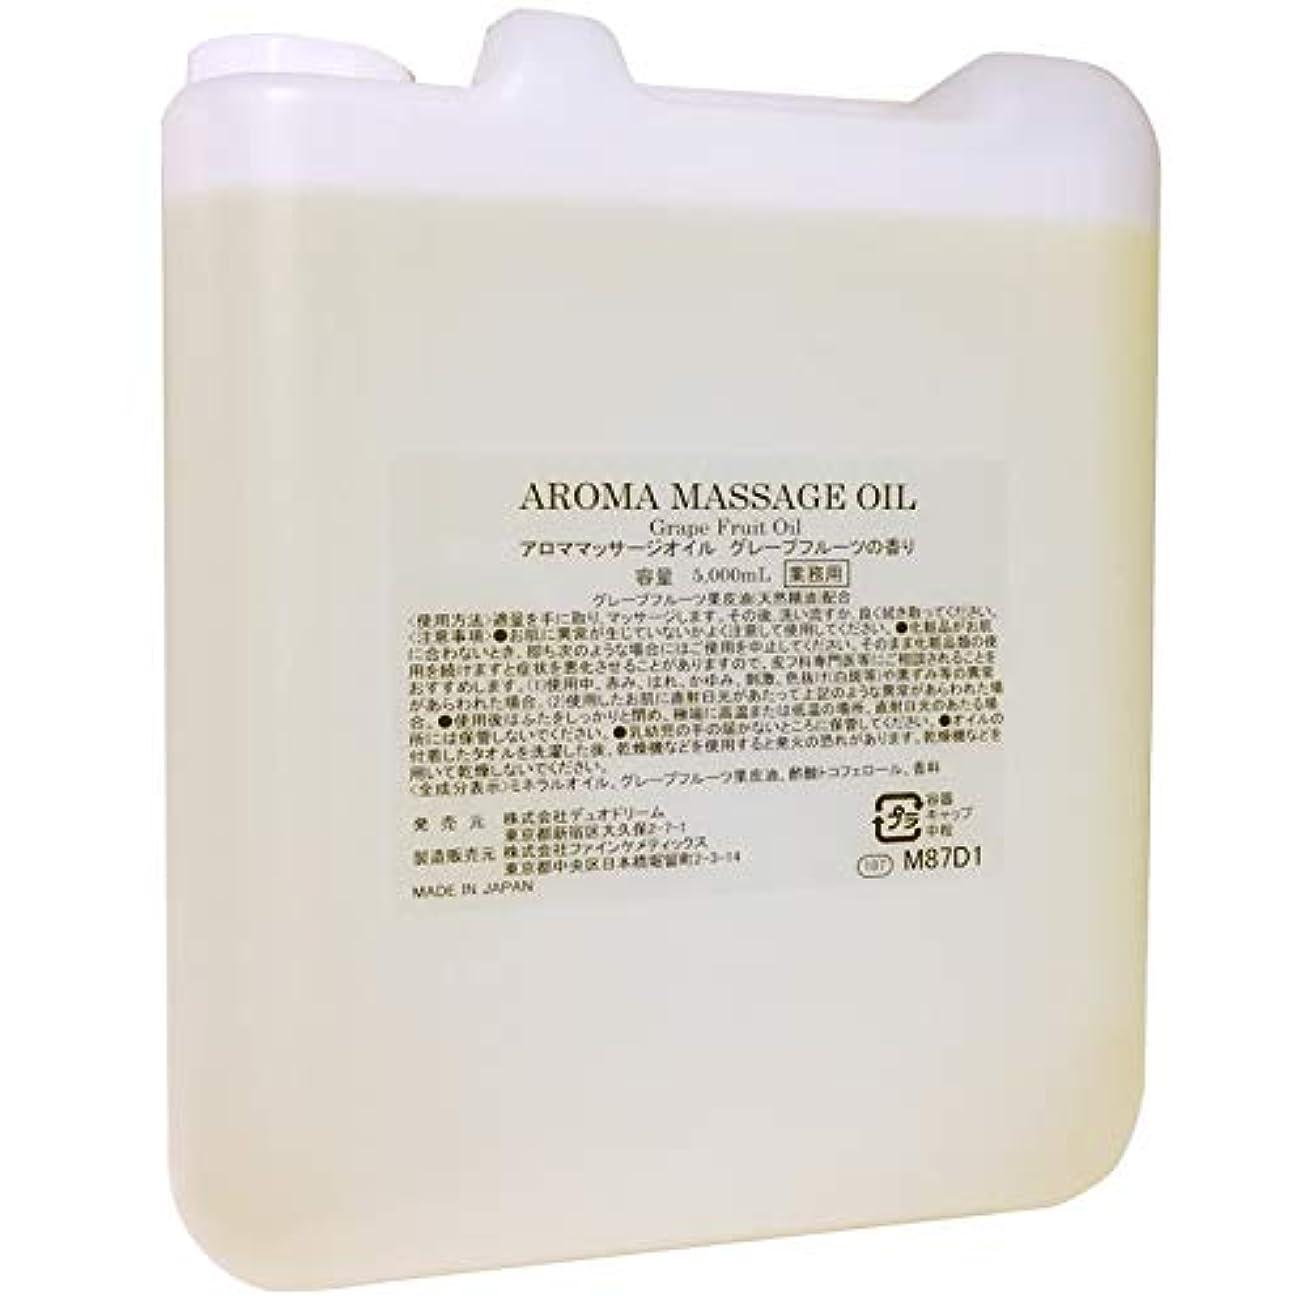 アロマ マッサージオイル グレープフルーツ 5L / さっぱりタイプ/日本製